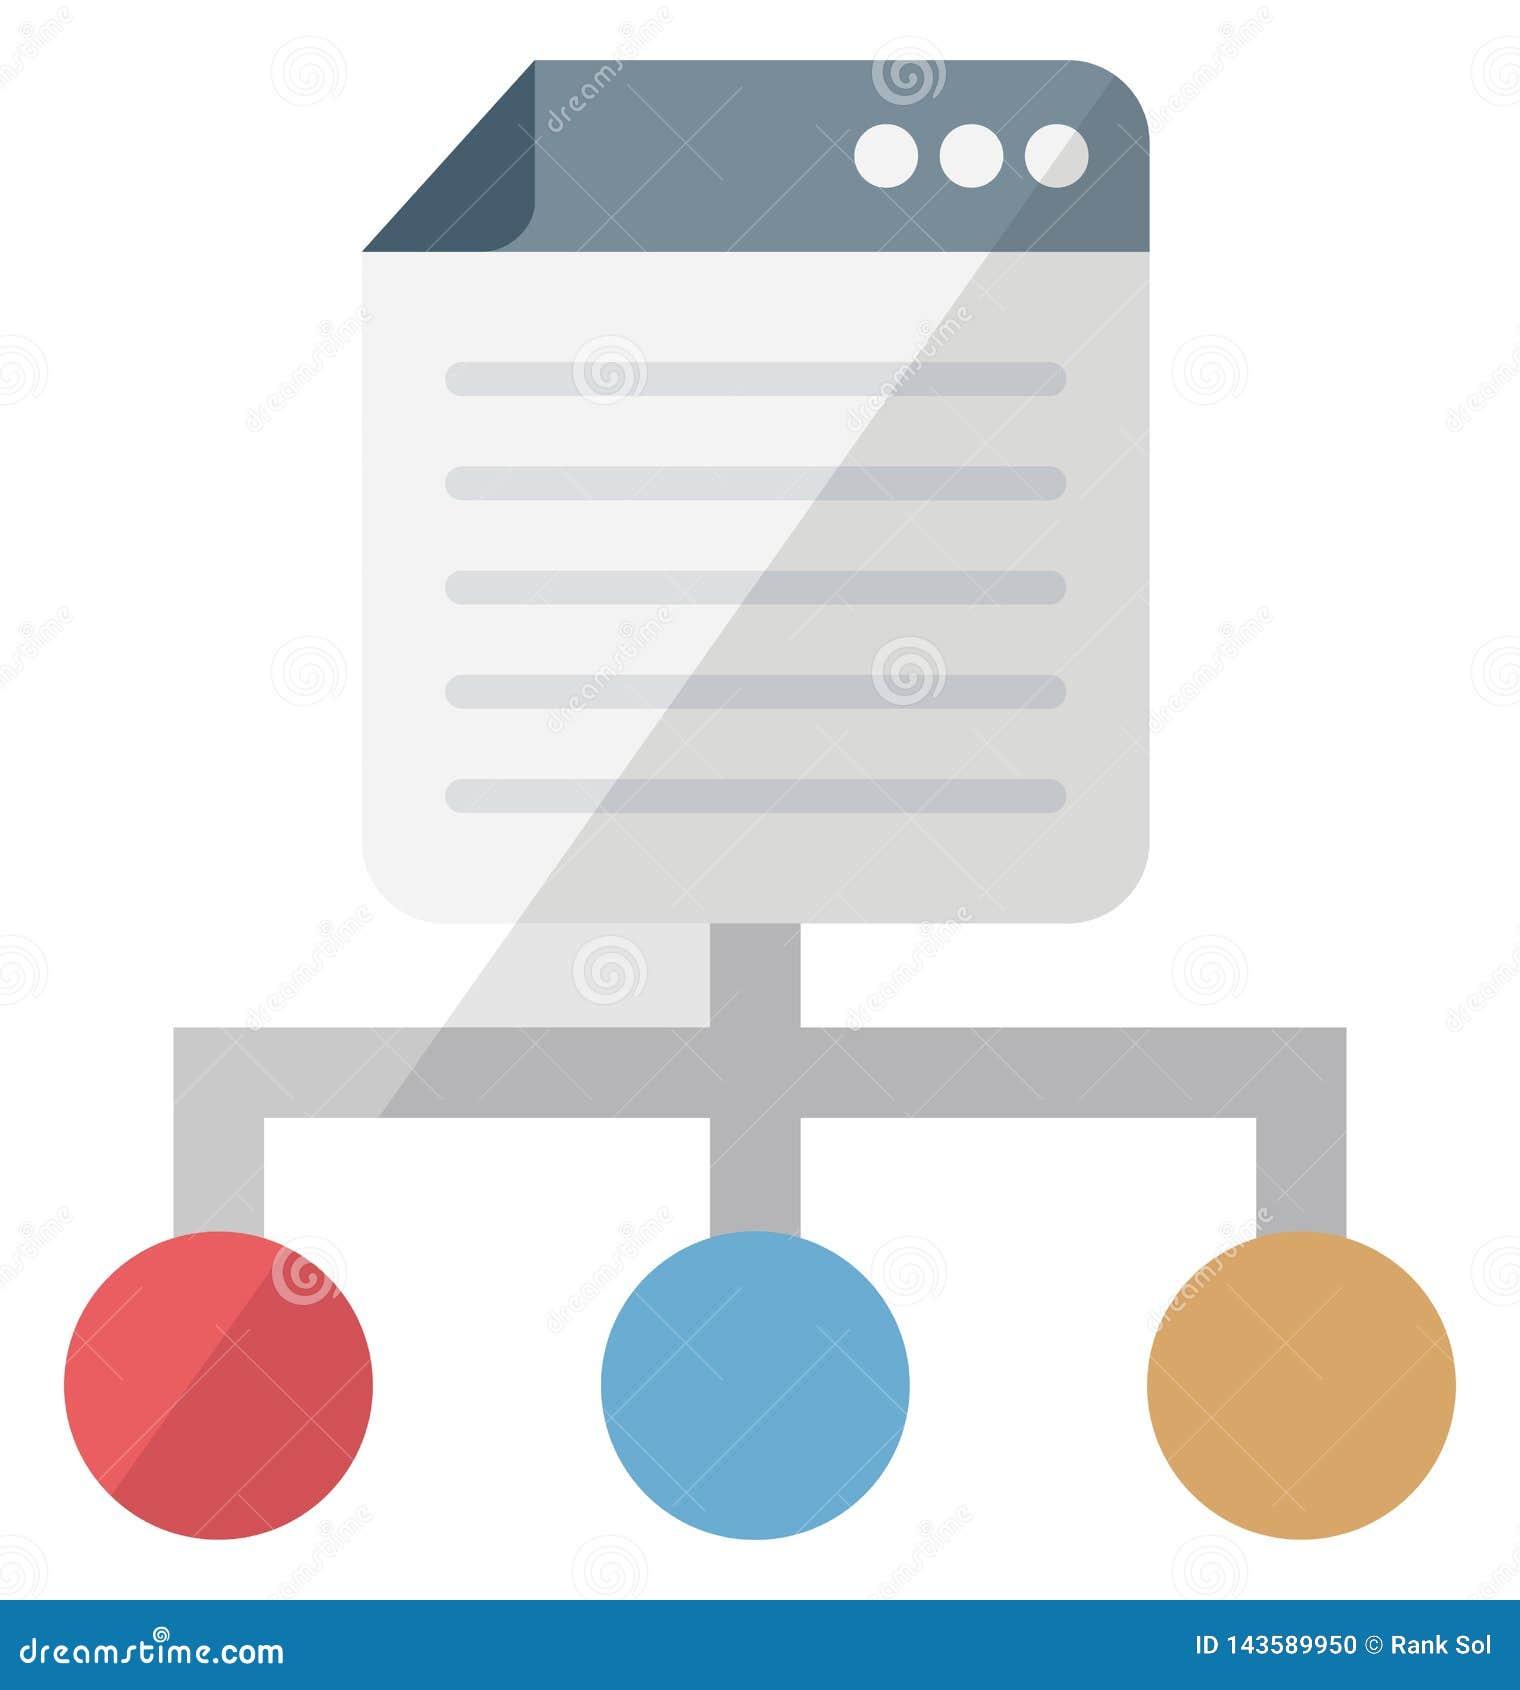 Połączenie wzywa Isometric odosobnioną wektorową ikonę która może łatwo redagować lub modyfikująca